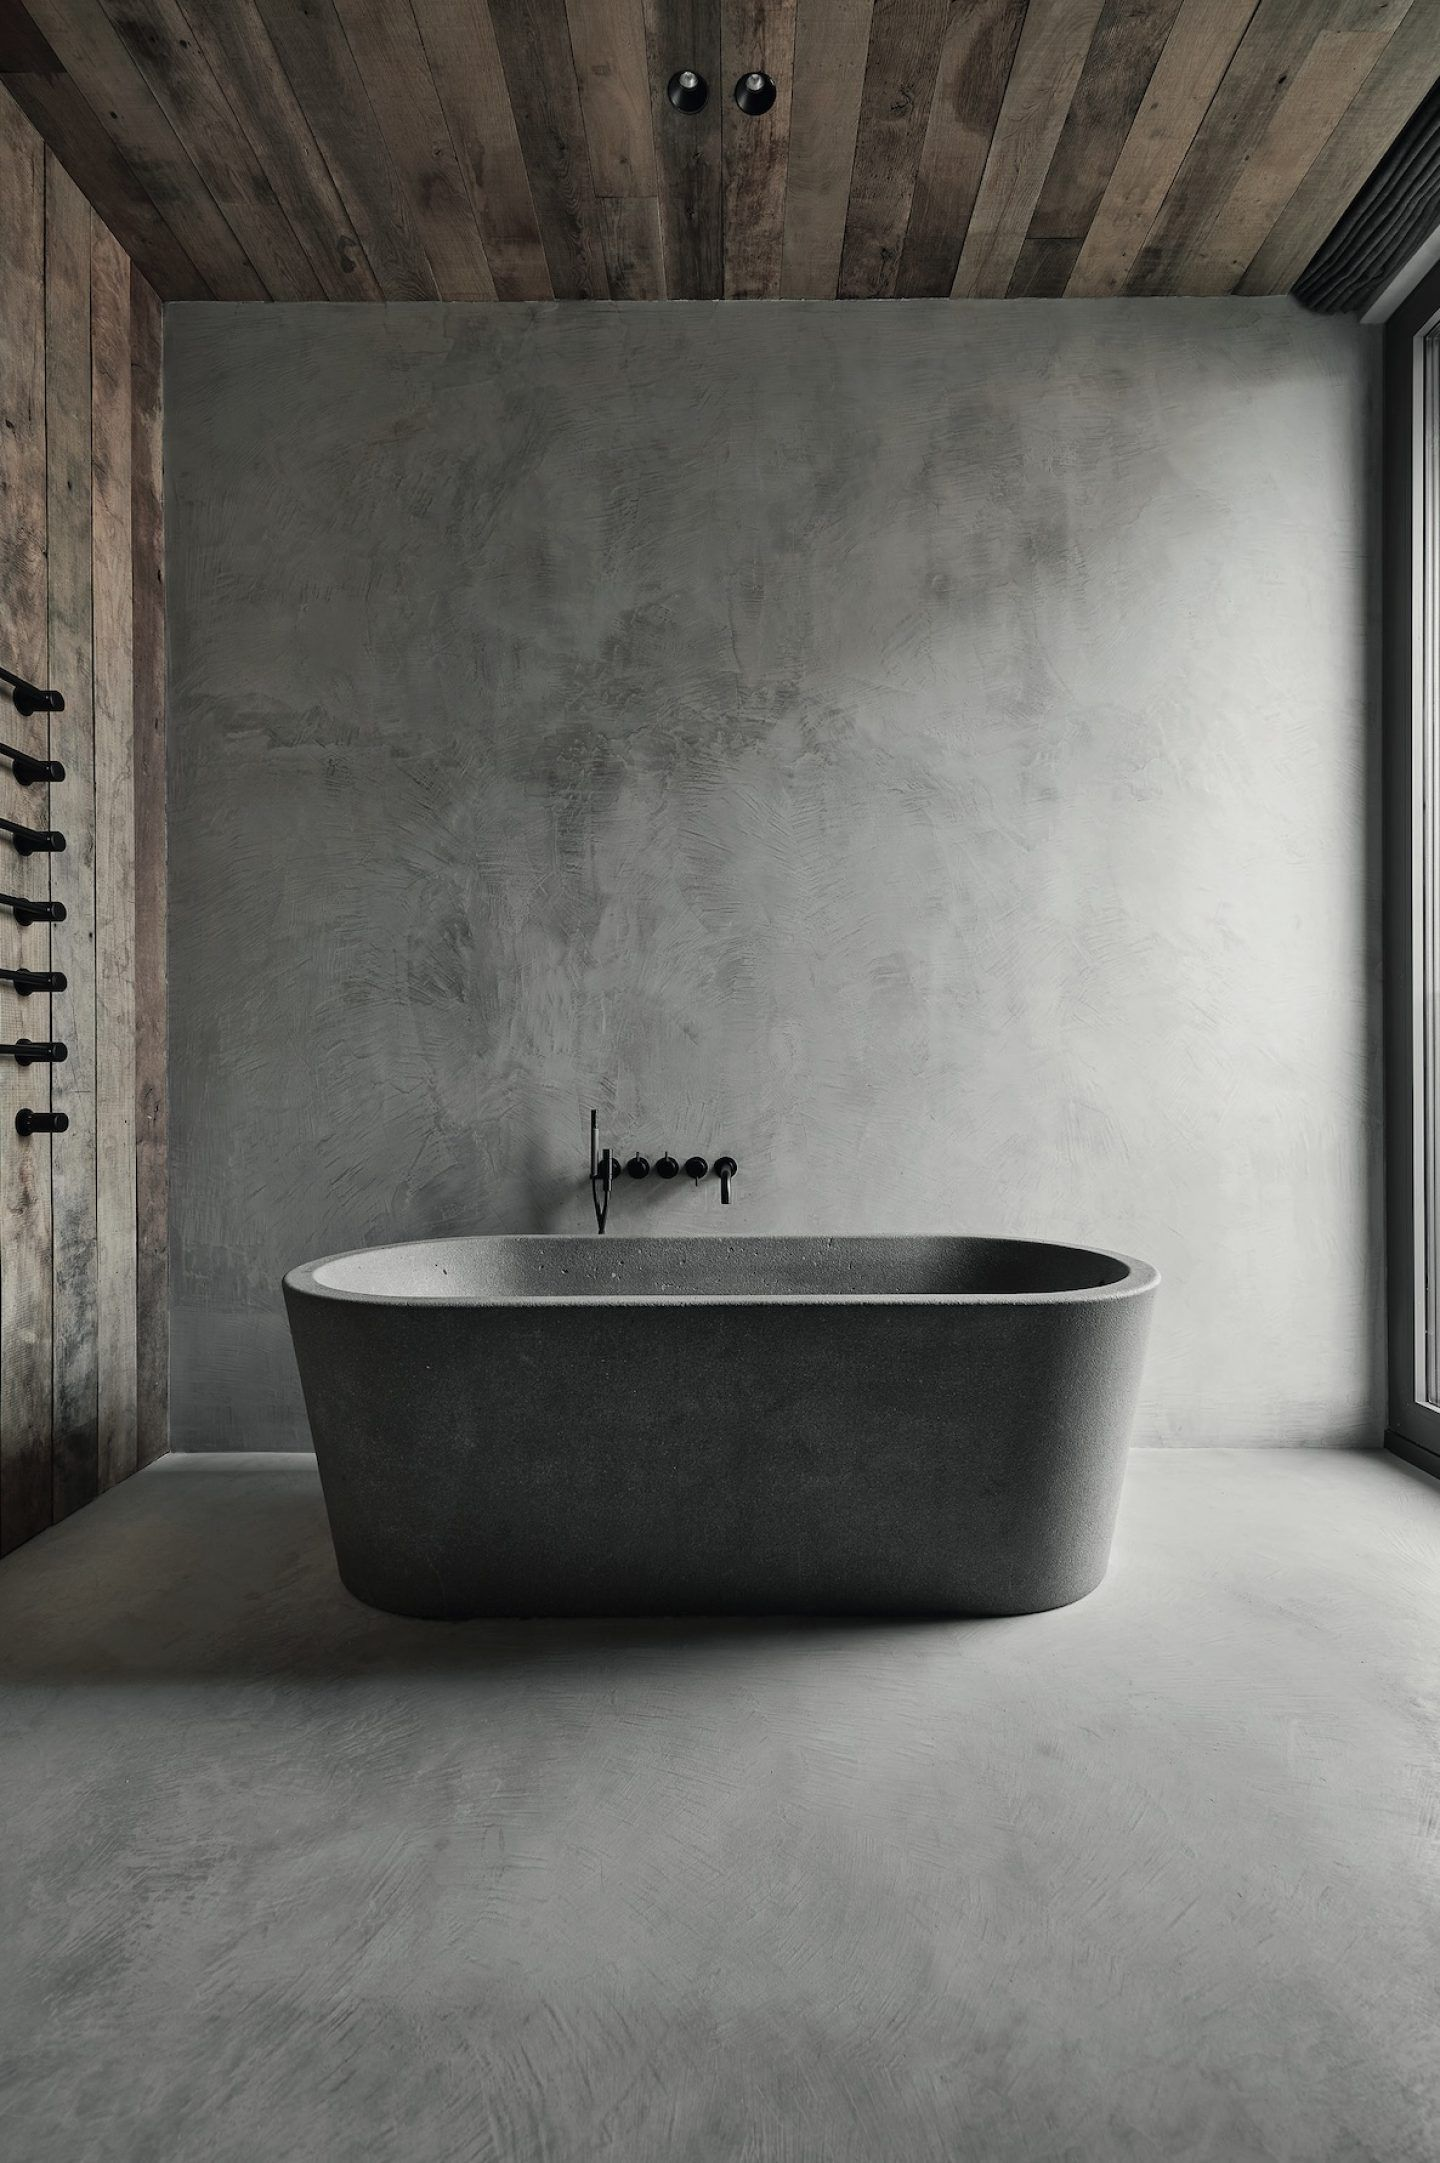 IGNANT-Architecture-Vincent-Van-Duysen-C-Penthouse-06